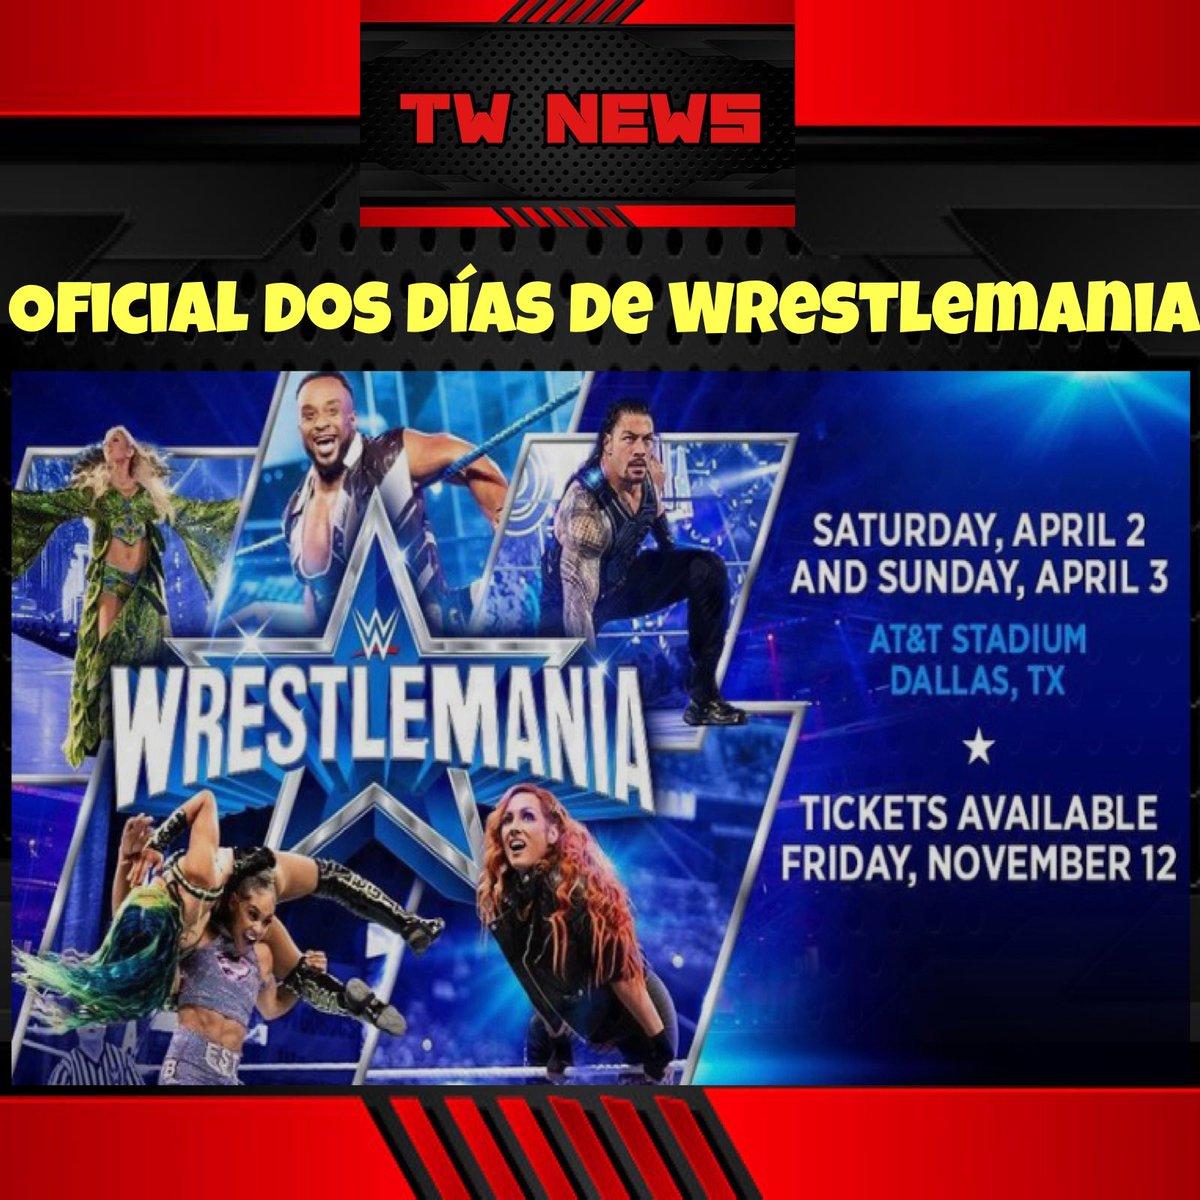 De manera oficial la #WWE anunció que el evento de Wrestlemania en el 2022 serán los días sábado 2 de abril y el domingo 3 de abril en el AT&T Stadium en Texas. La venta de boletos comienza el 12 de noviembre.  #trifulcamedia #WWERaw #SmackDown #luchalibre #wrestling